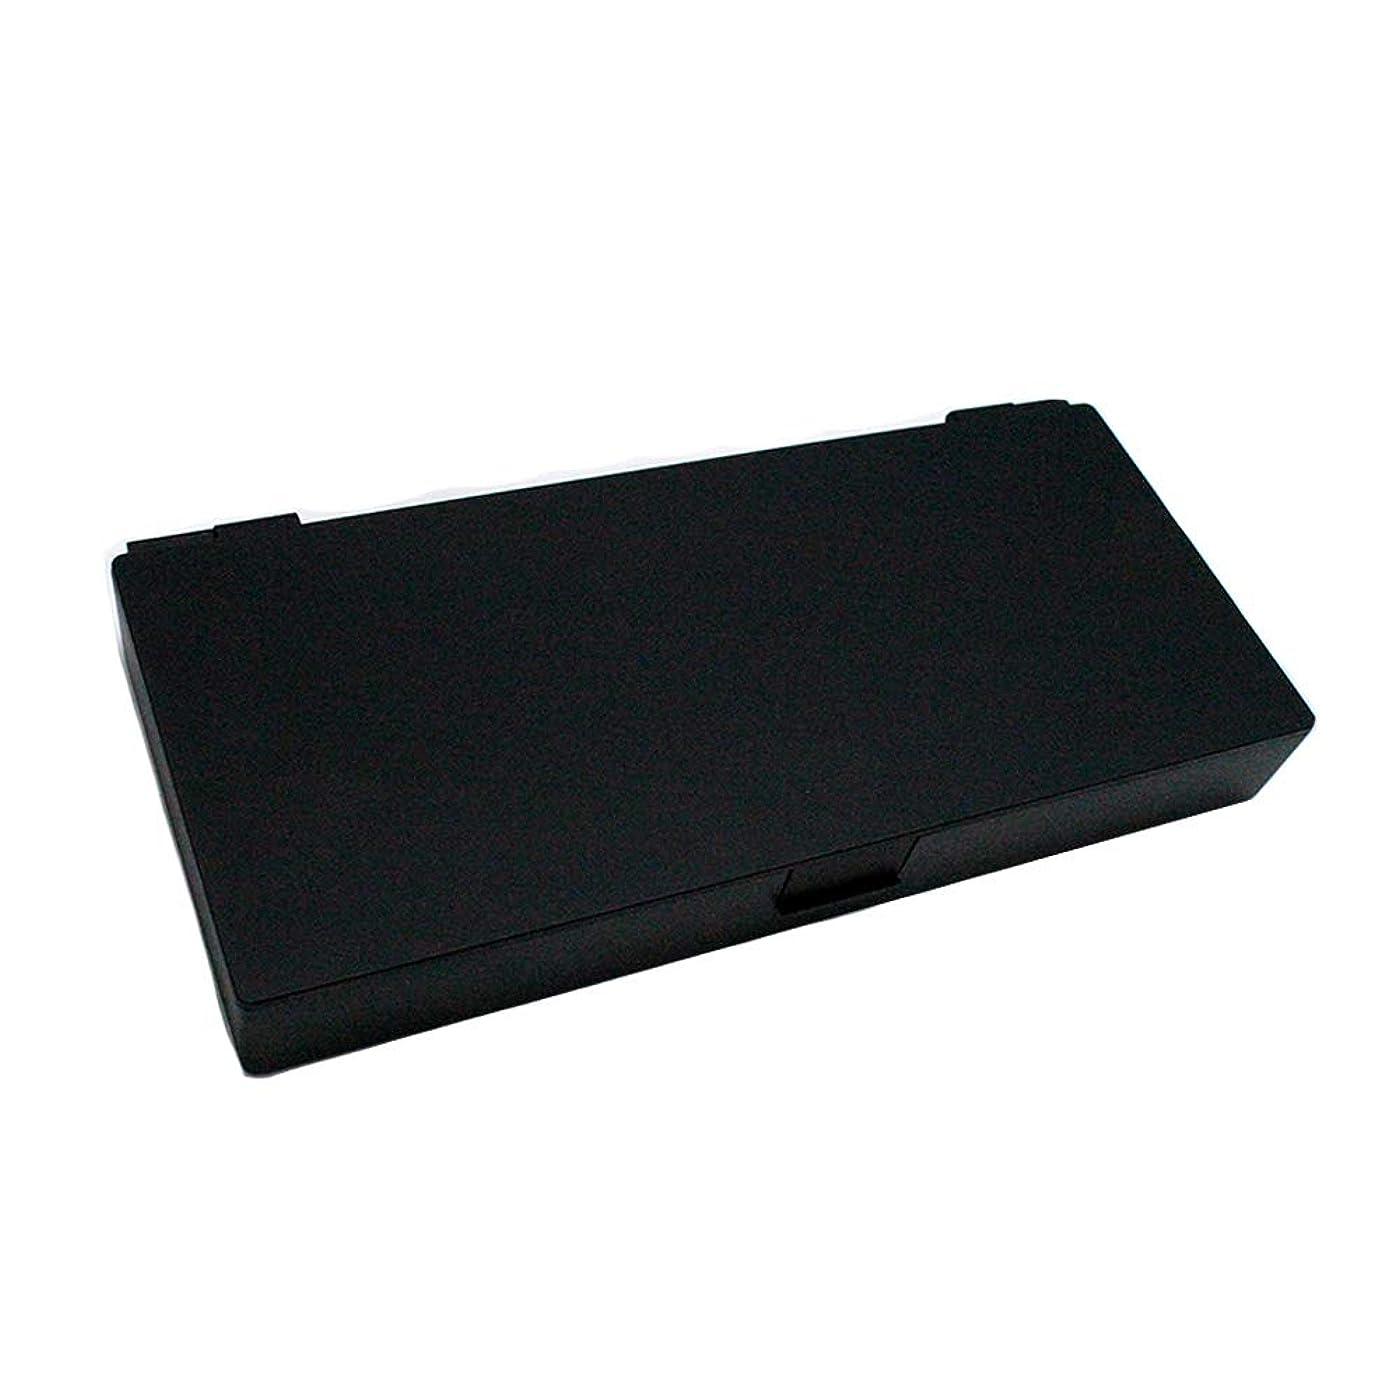 まとめる大邸宅曇ったアップスタイリングシステムボックス (ブラック) ノンスリップ ヘアピン ケース コスメボックス メイクボックス メークボックス メイクケース メークケース